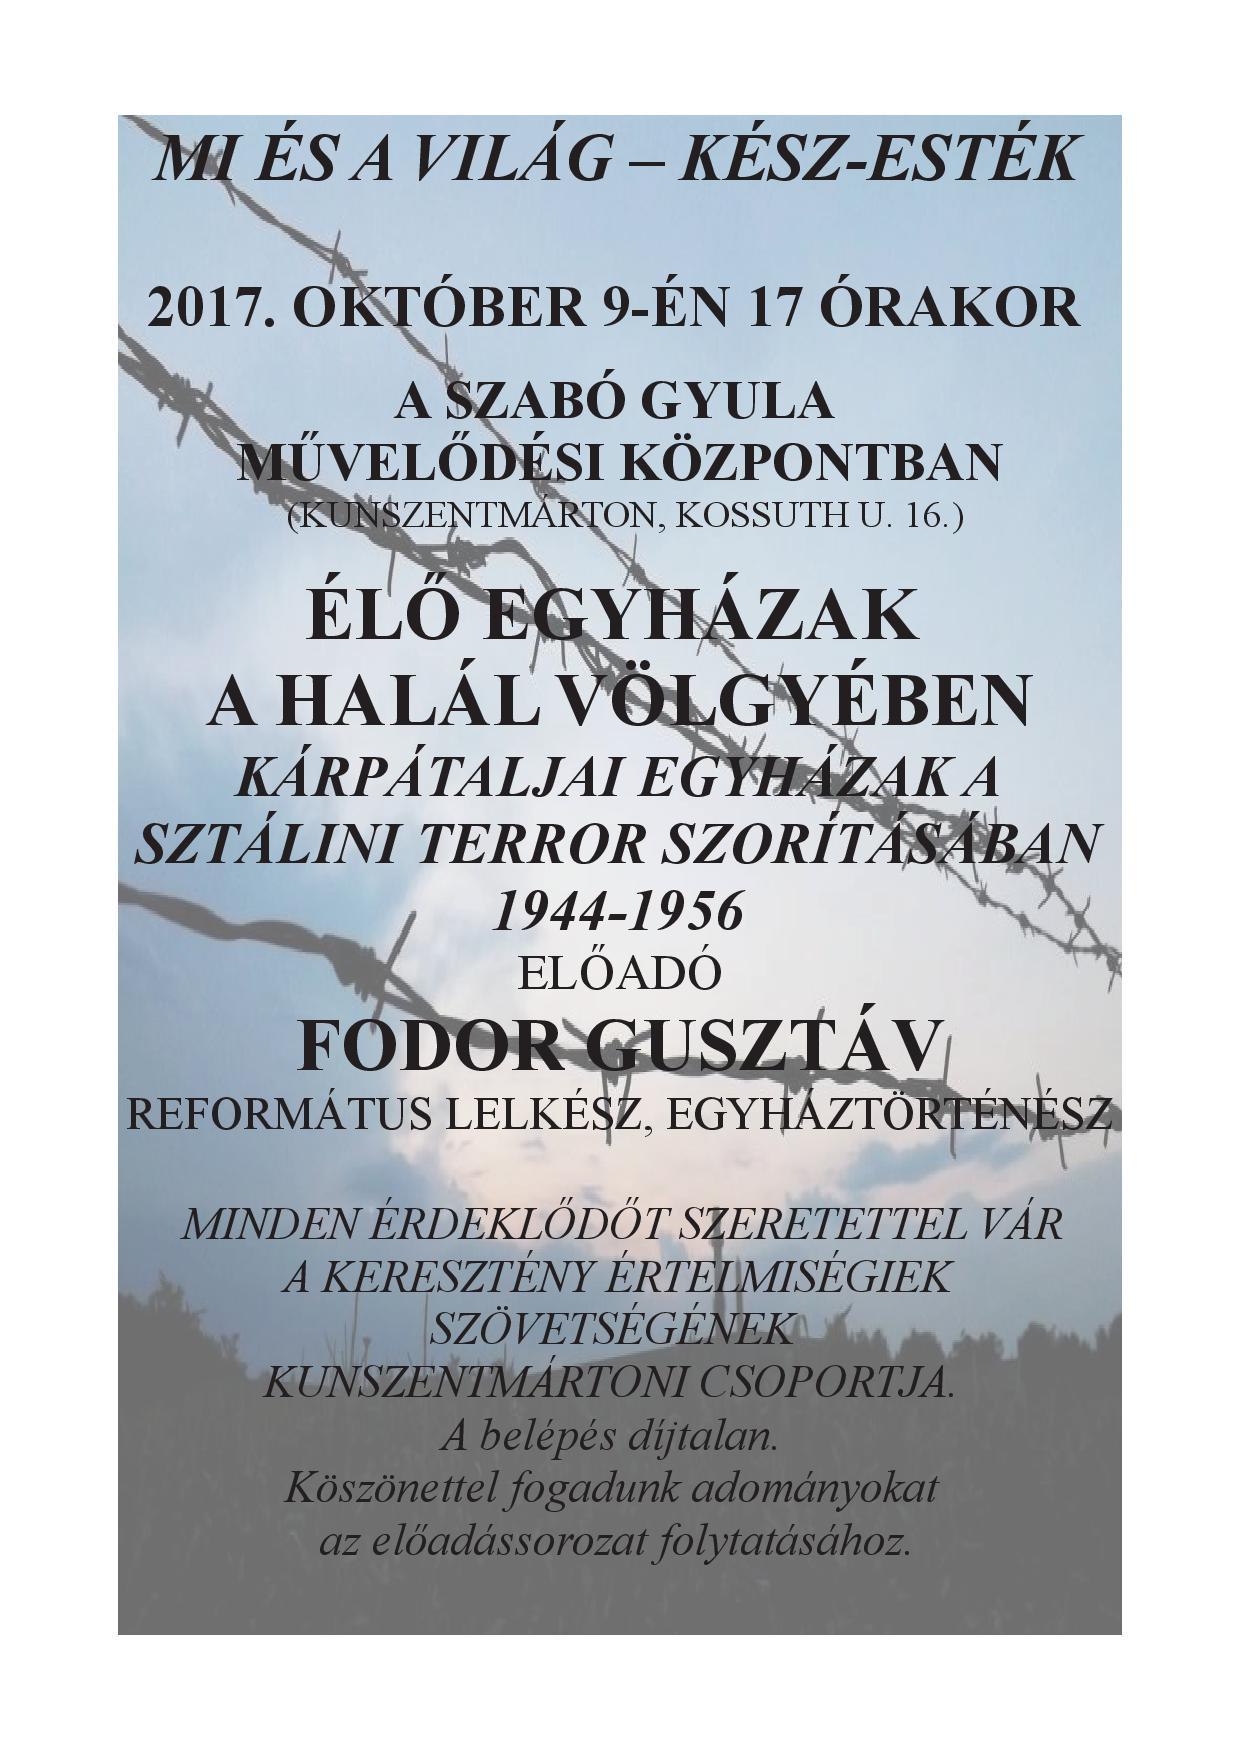 KÉSZ-ESTÉK OKTÓBER-lg-001